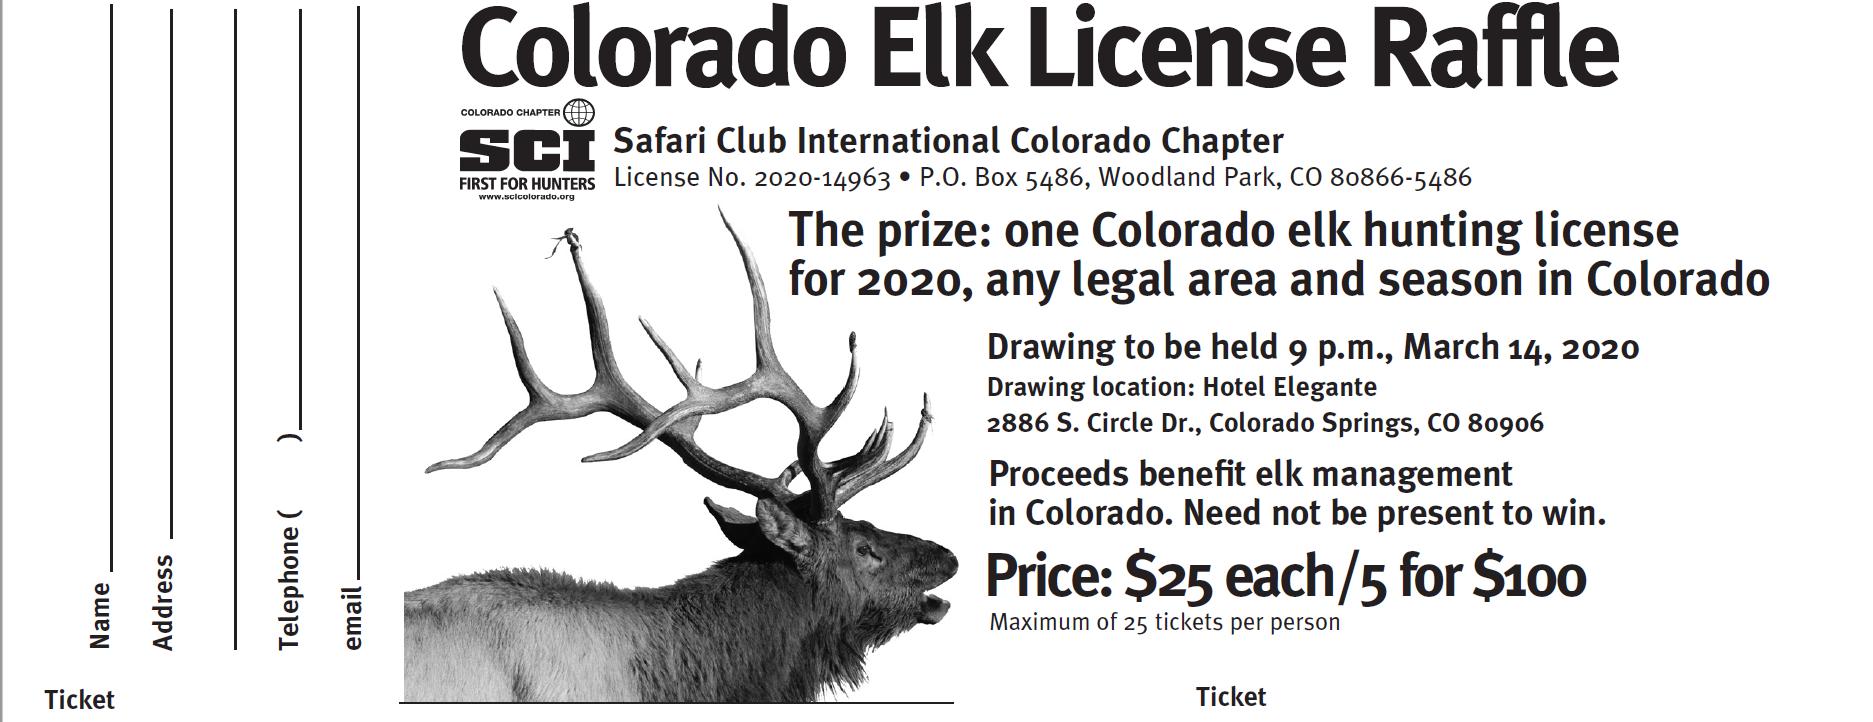 Statewide Elk License Raffle - 5 Tickets